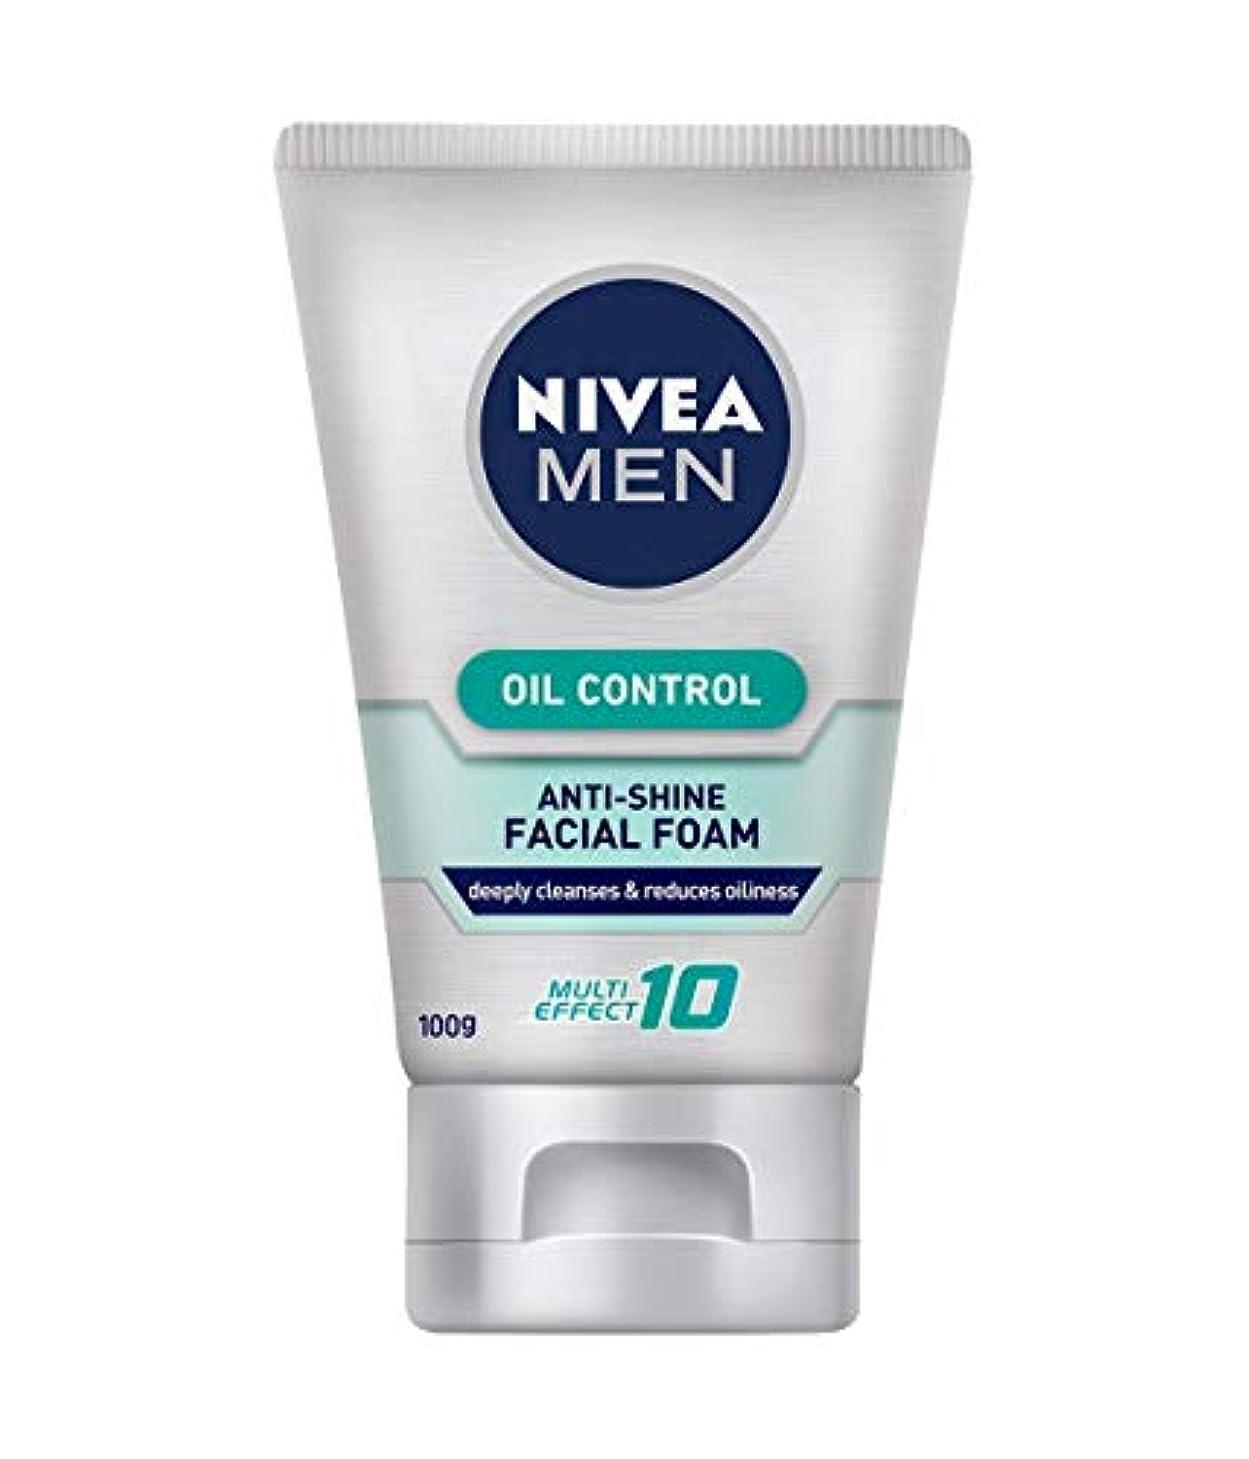 エステートすぐに承知しましたNivea For Men オイルコントロールクレンザー百グラム、にきびの問題を軽減しながら、炎症を和らげます。